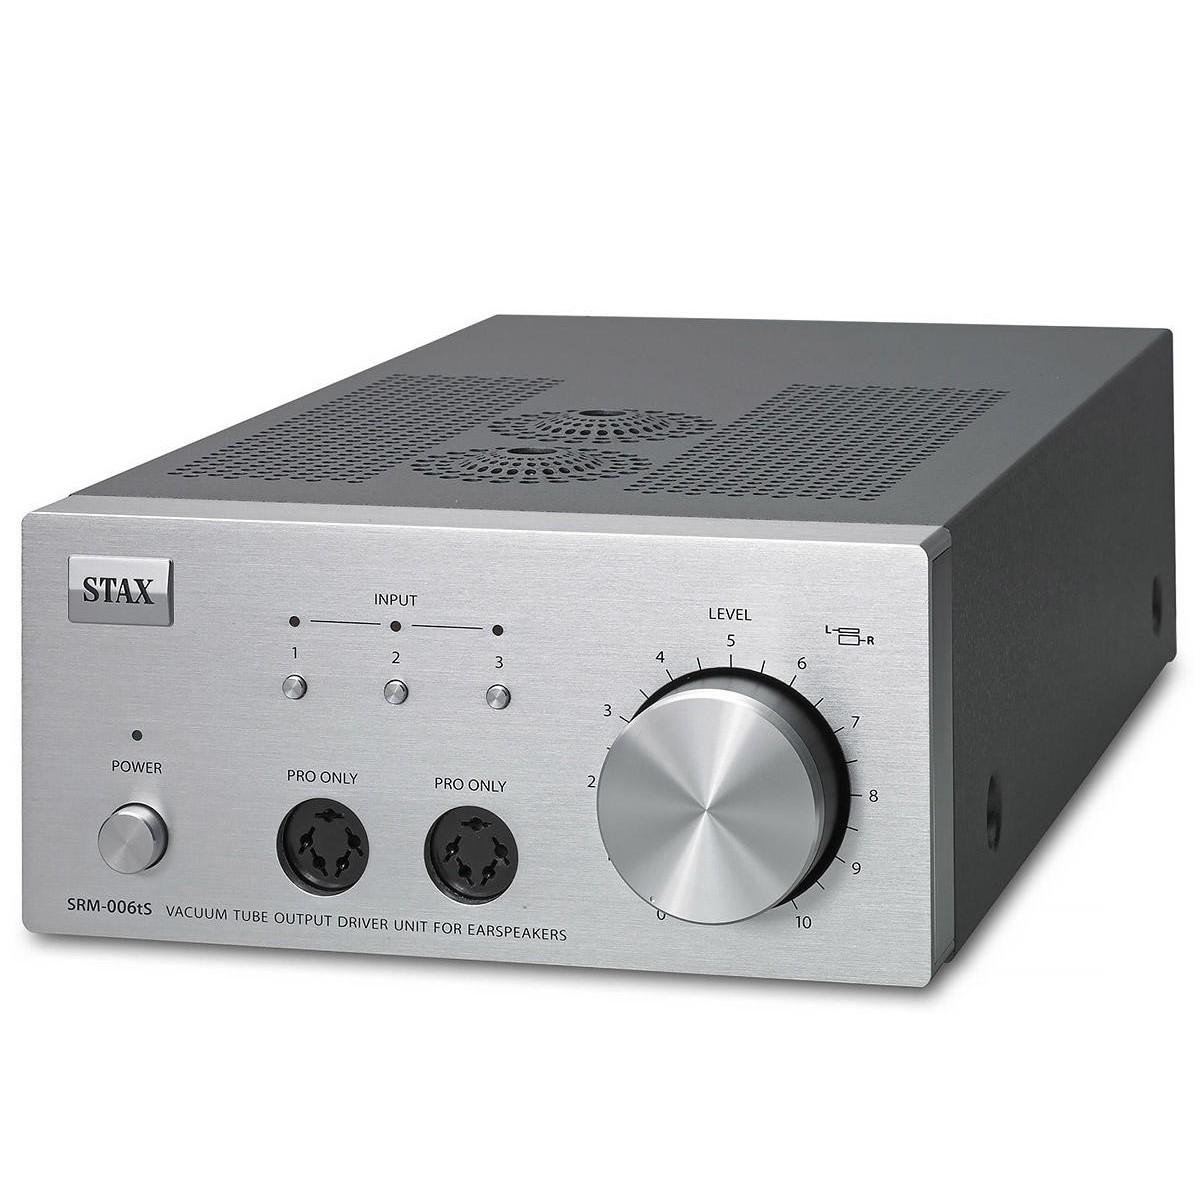 Kopfhörerverstärker SRM-006tS